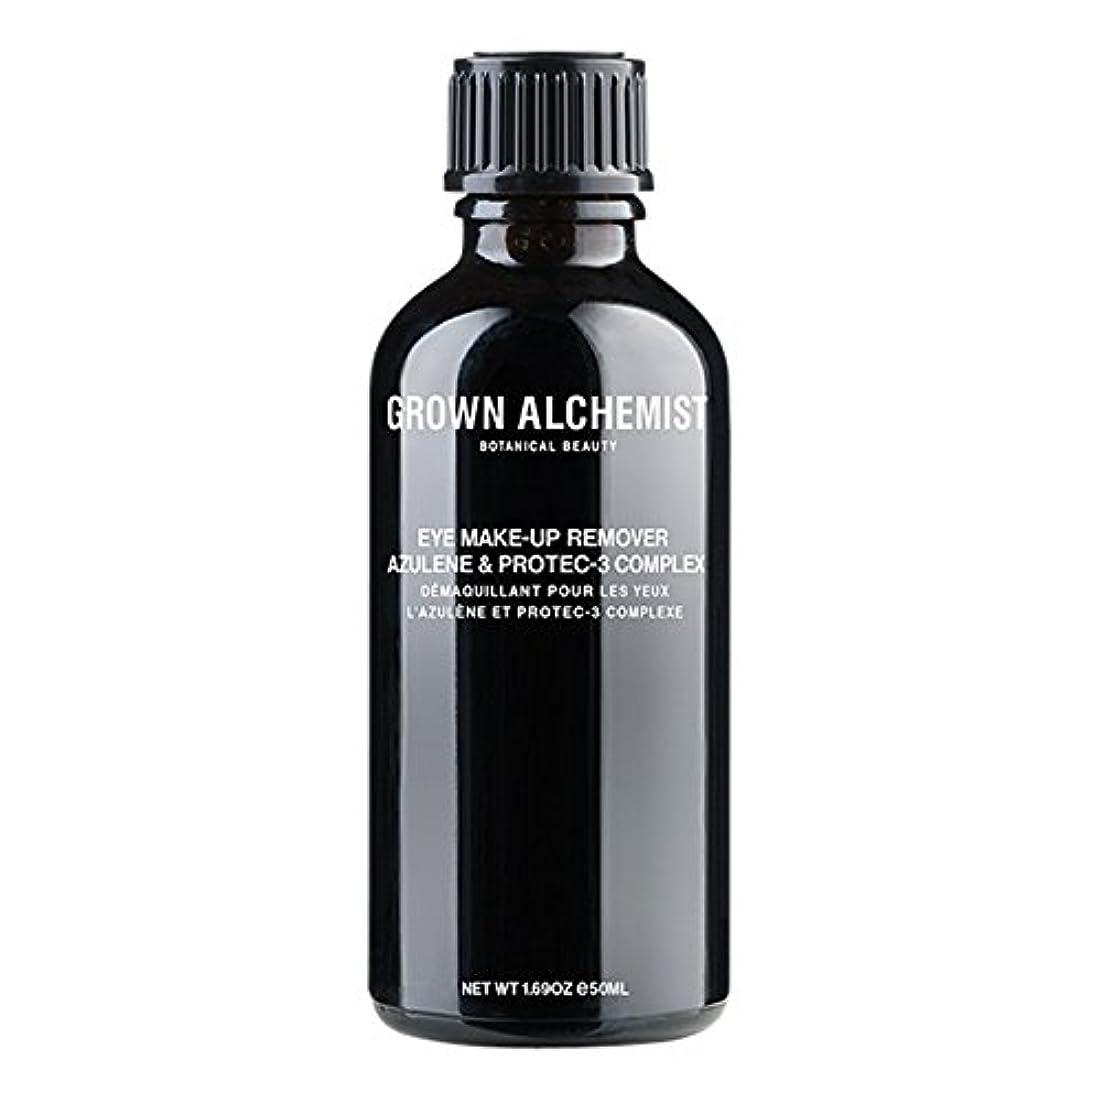 狂人おめでとう確立成長した錬金術師アズレン&Protec-3アイメイクアップリムーバーの50ミリリットル (Grown Alchemist) (x6) - Grown Alchemist Azulene & Protec-3 Eye-Makeup...